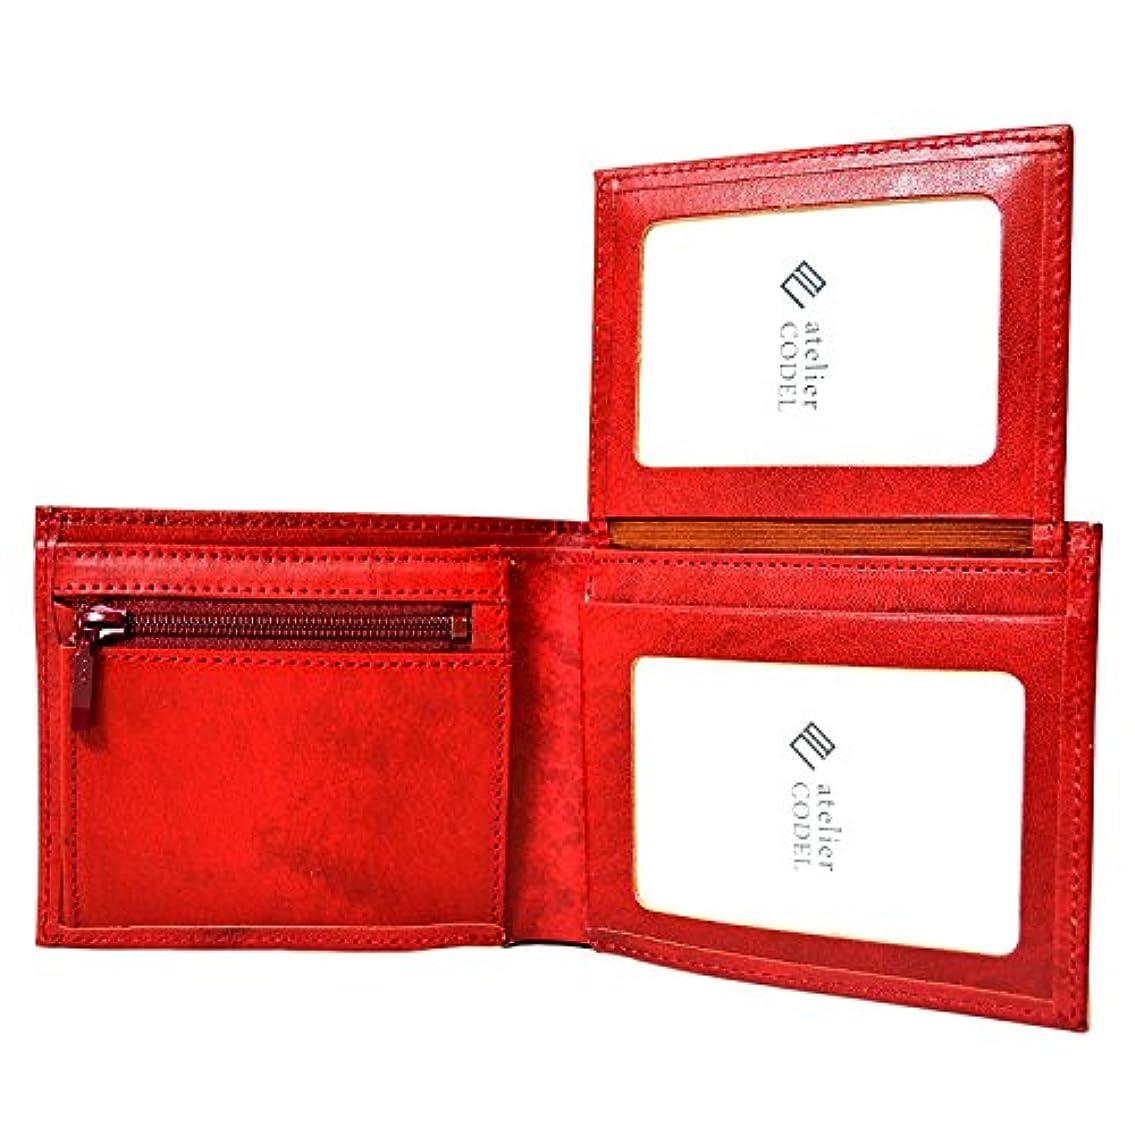 レパートリーセレナハイブリッドatelierCODEL 二つ折り 財布 免許証入れ 写真入れ 本革 レザー ウォレット 日本製 メンズ